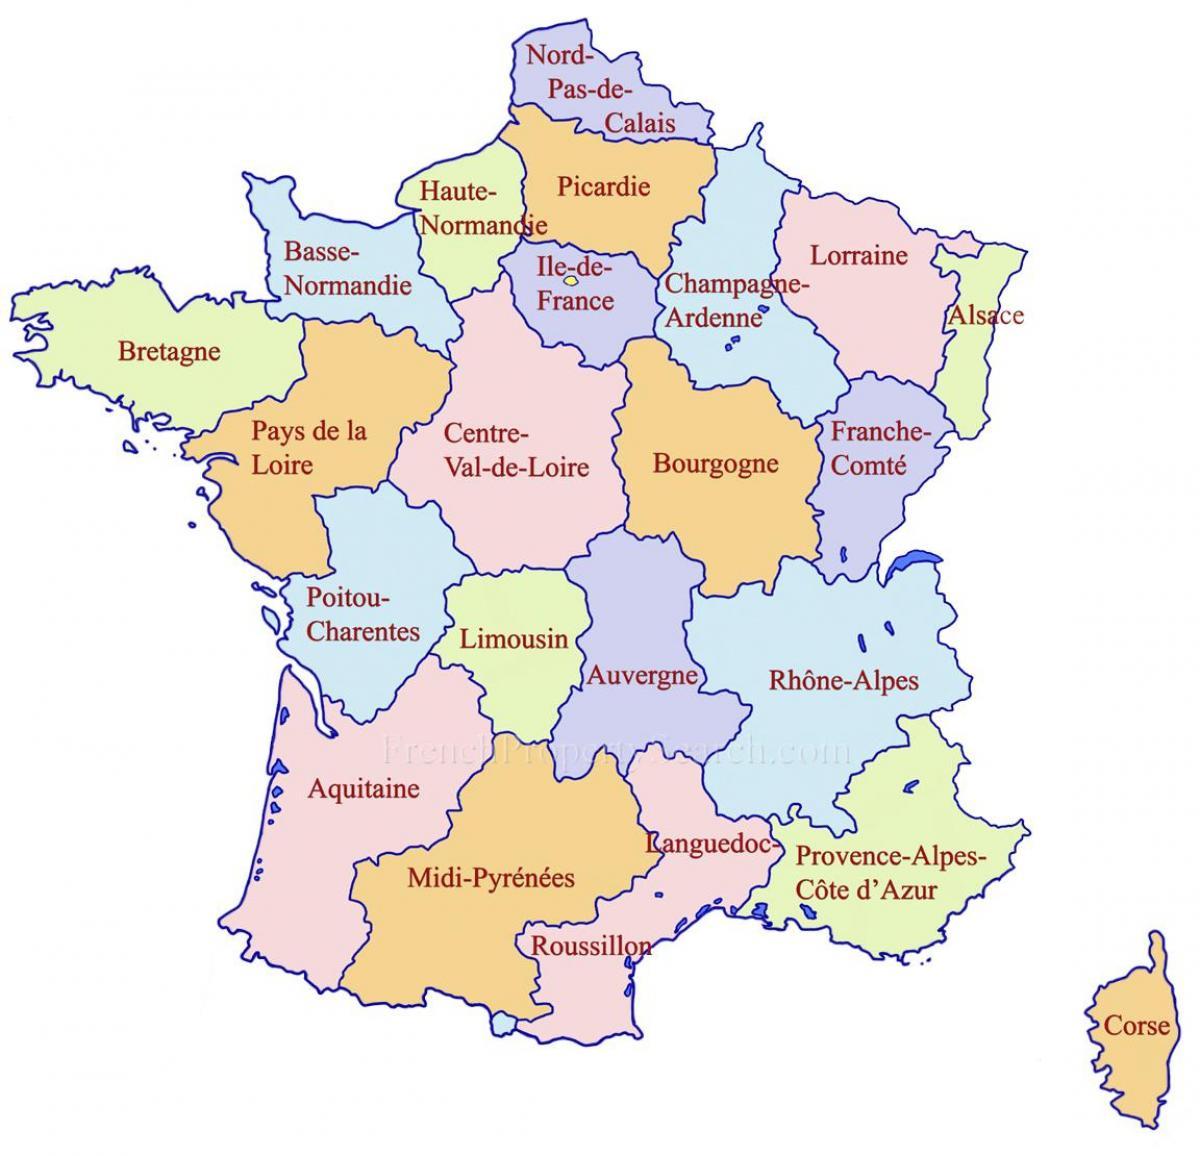 mapa de frança google Mapa do Google França regiões   mapa Detalhado da França regiões  mapa de frança google